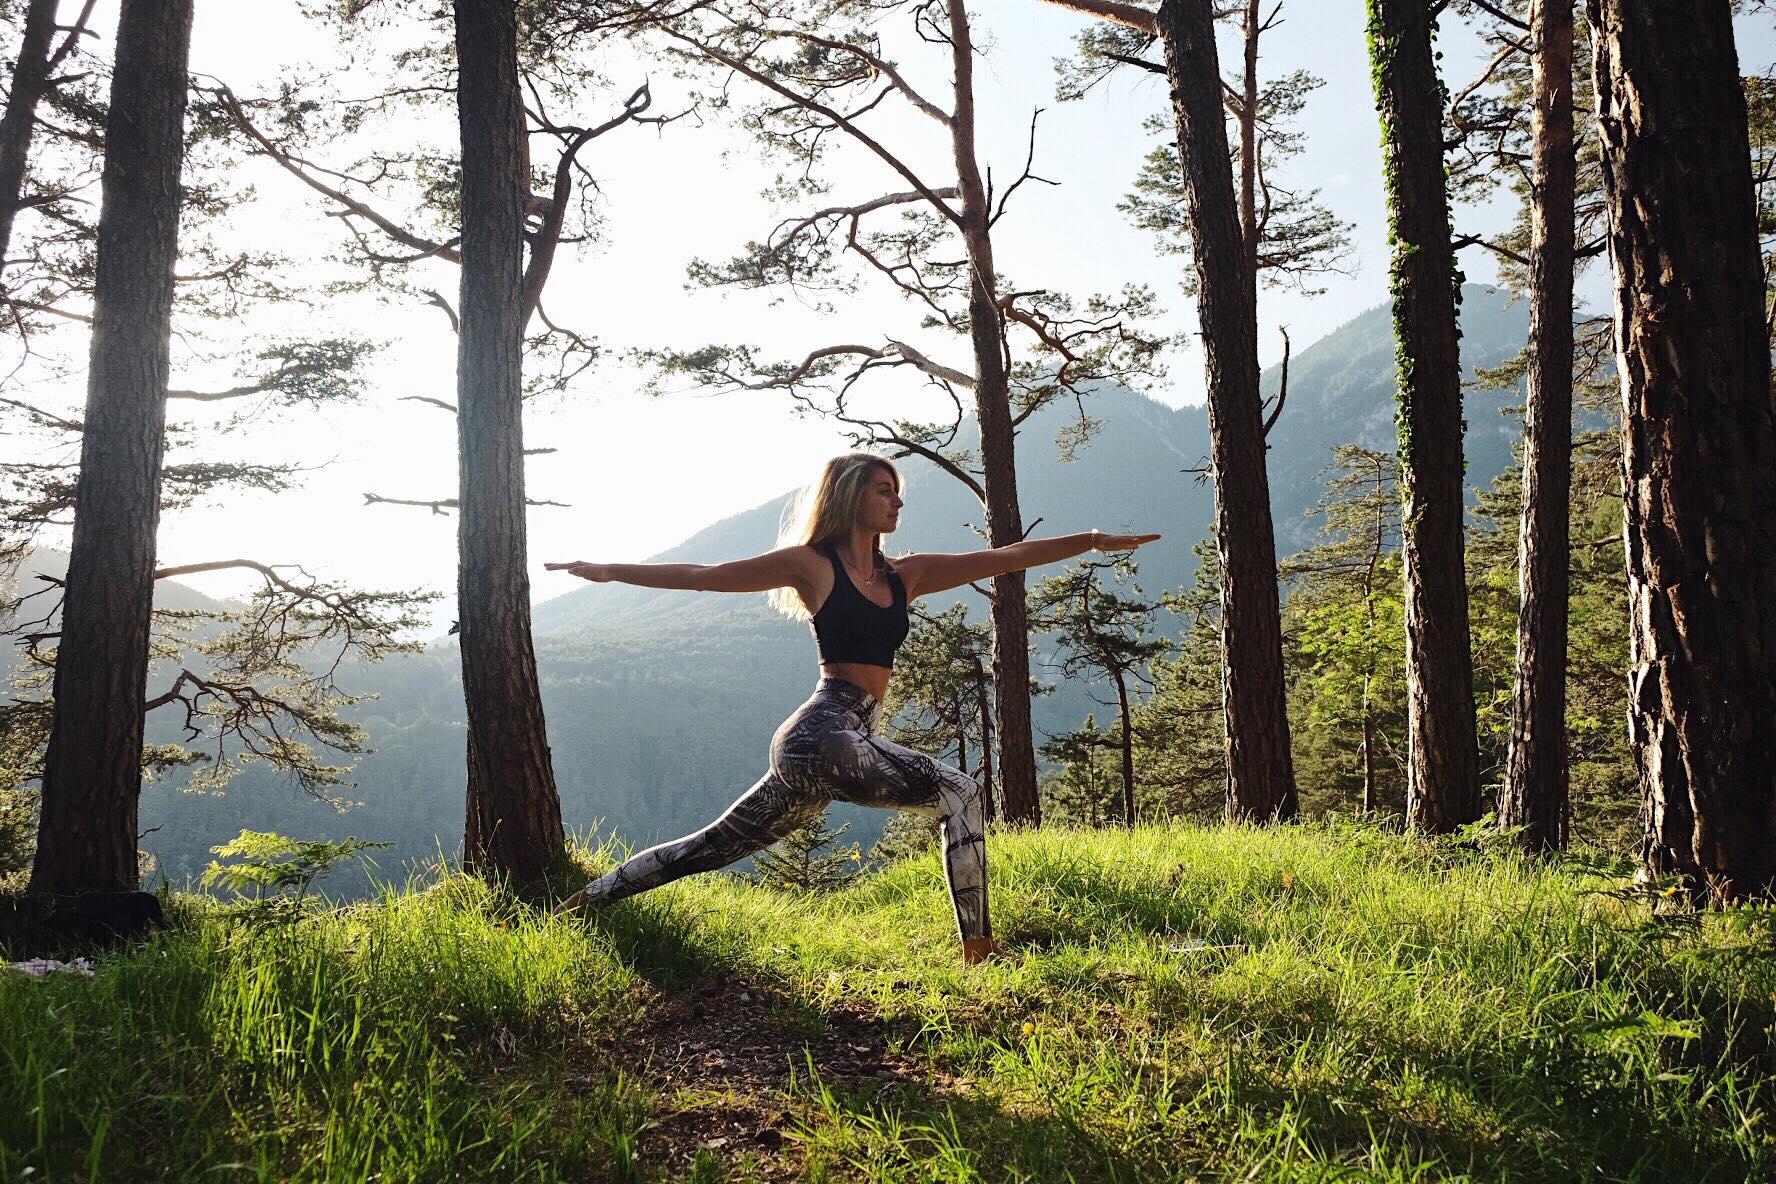 Yogaflow, YogaGen, Bewegung, Gesundheit, Waldplaftzerl, Yoga und Natur